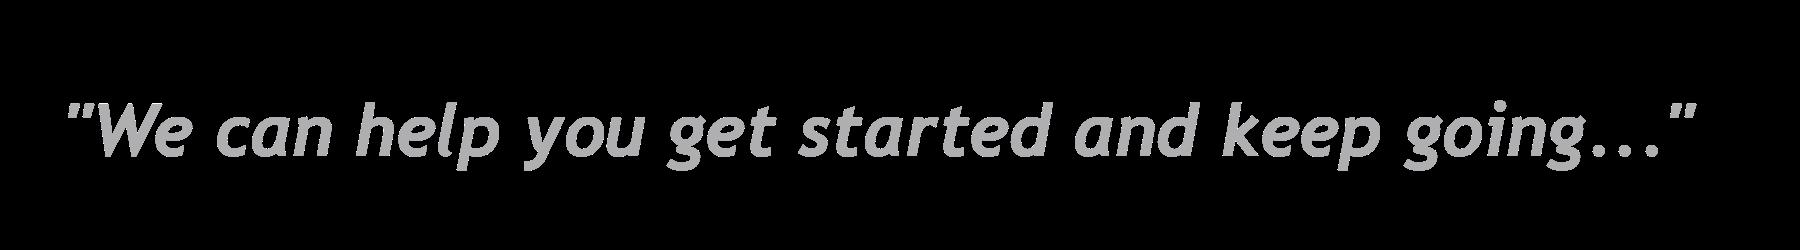 SW get started